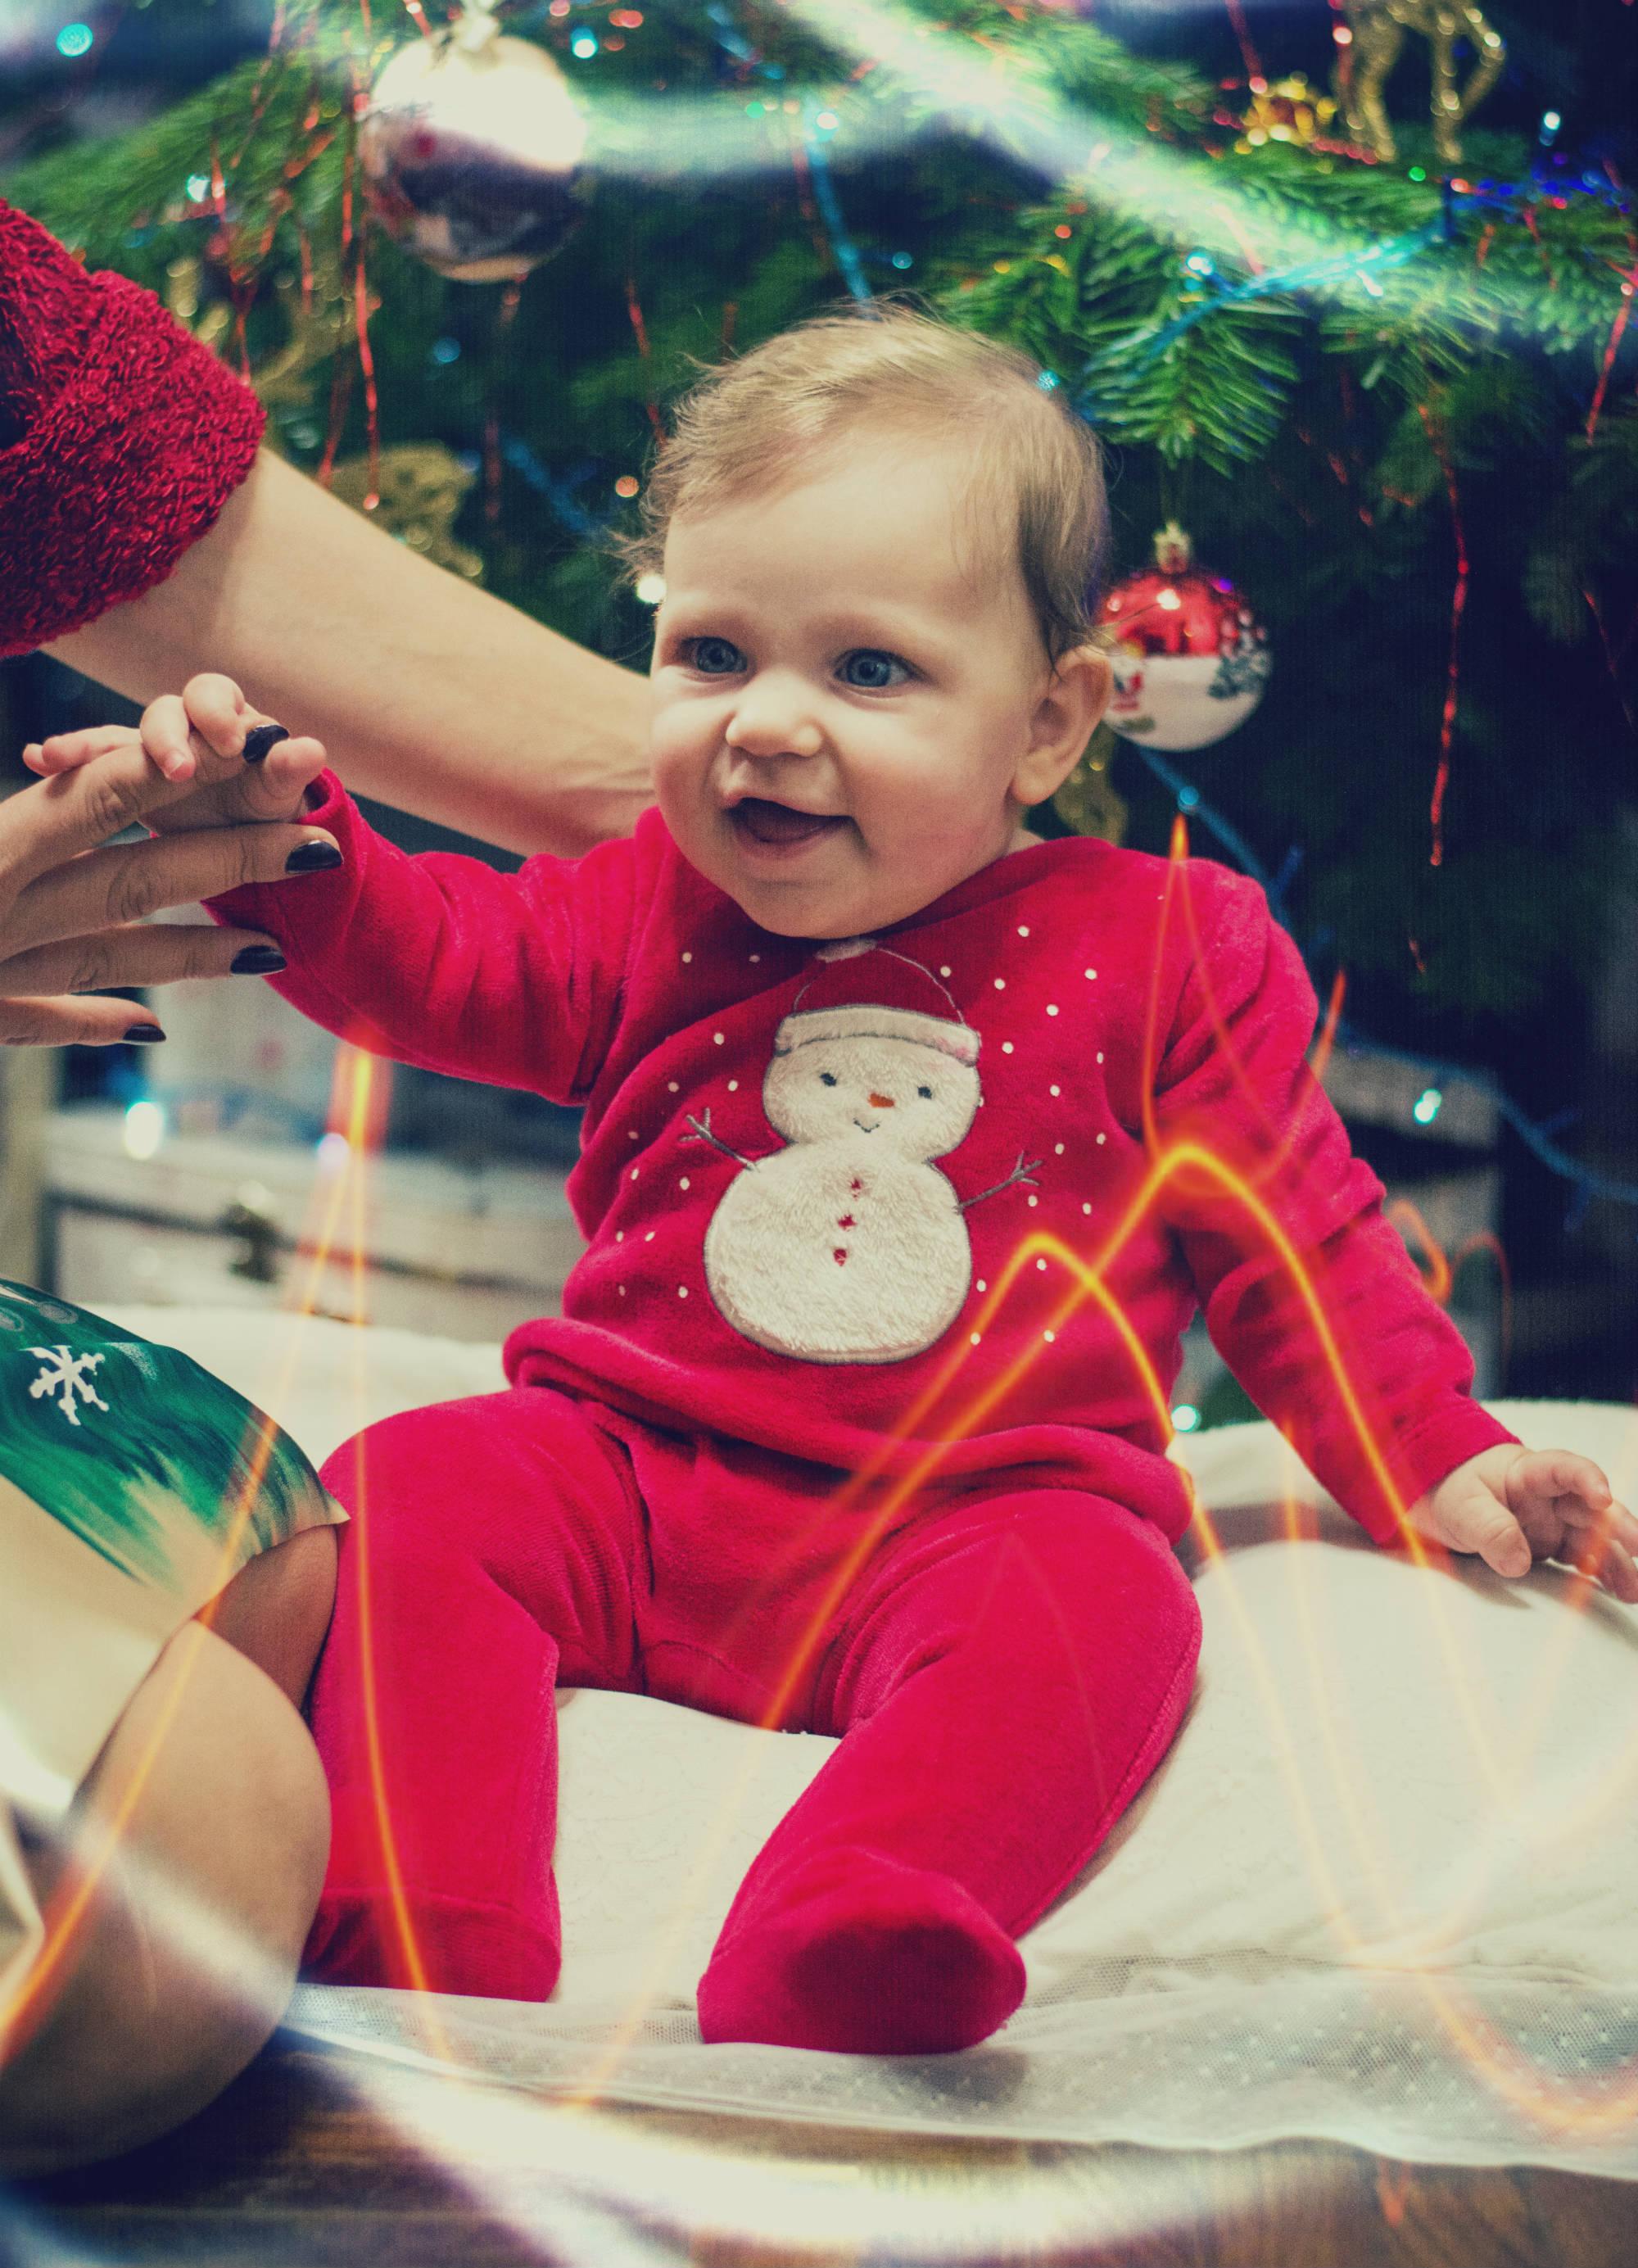 daddycool crăciun